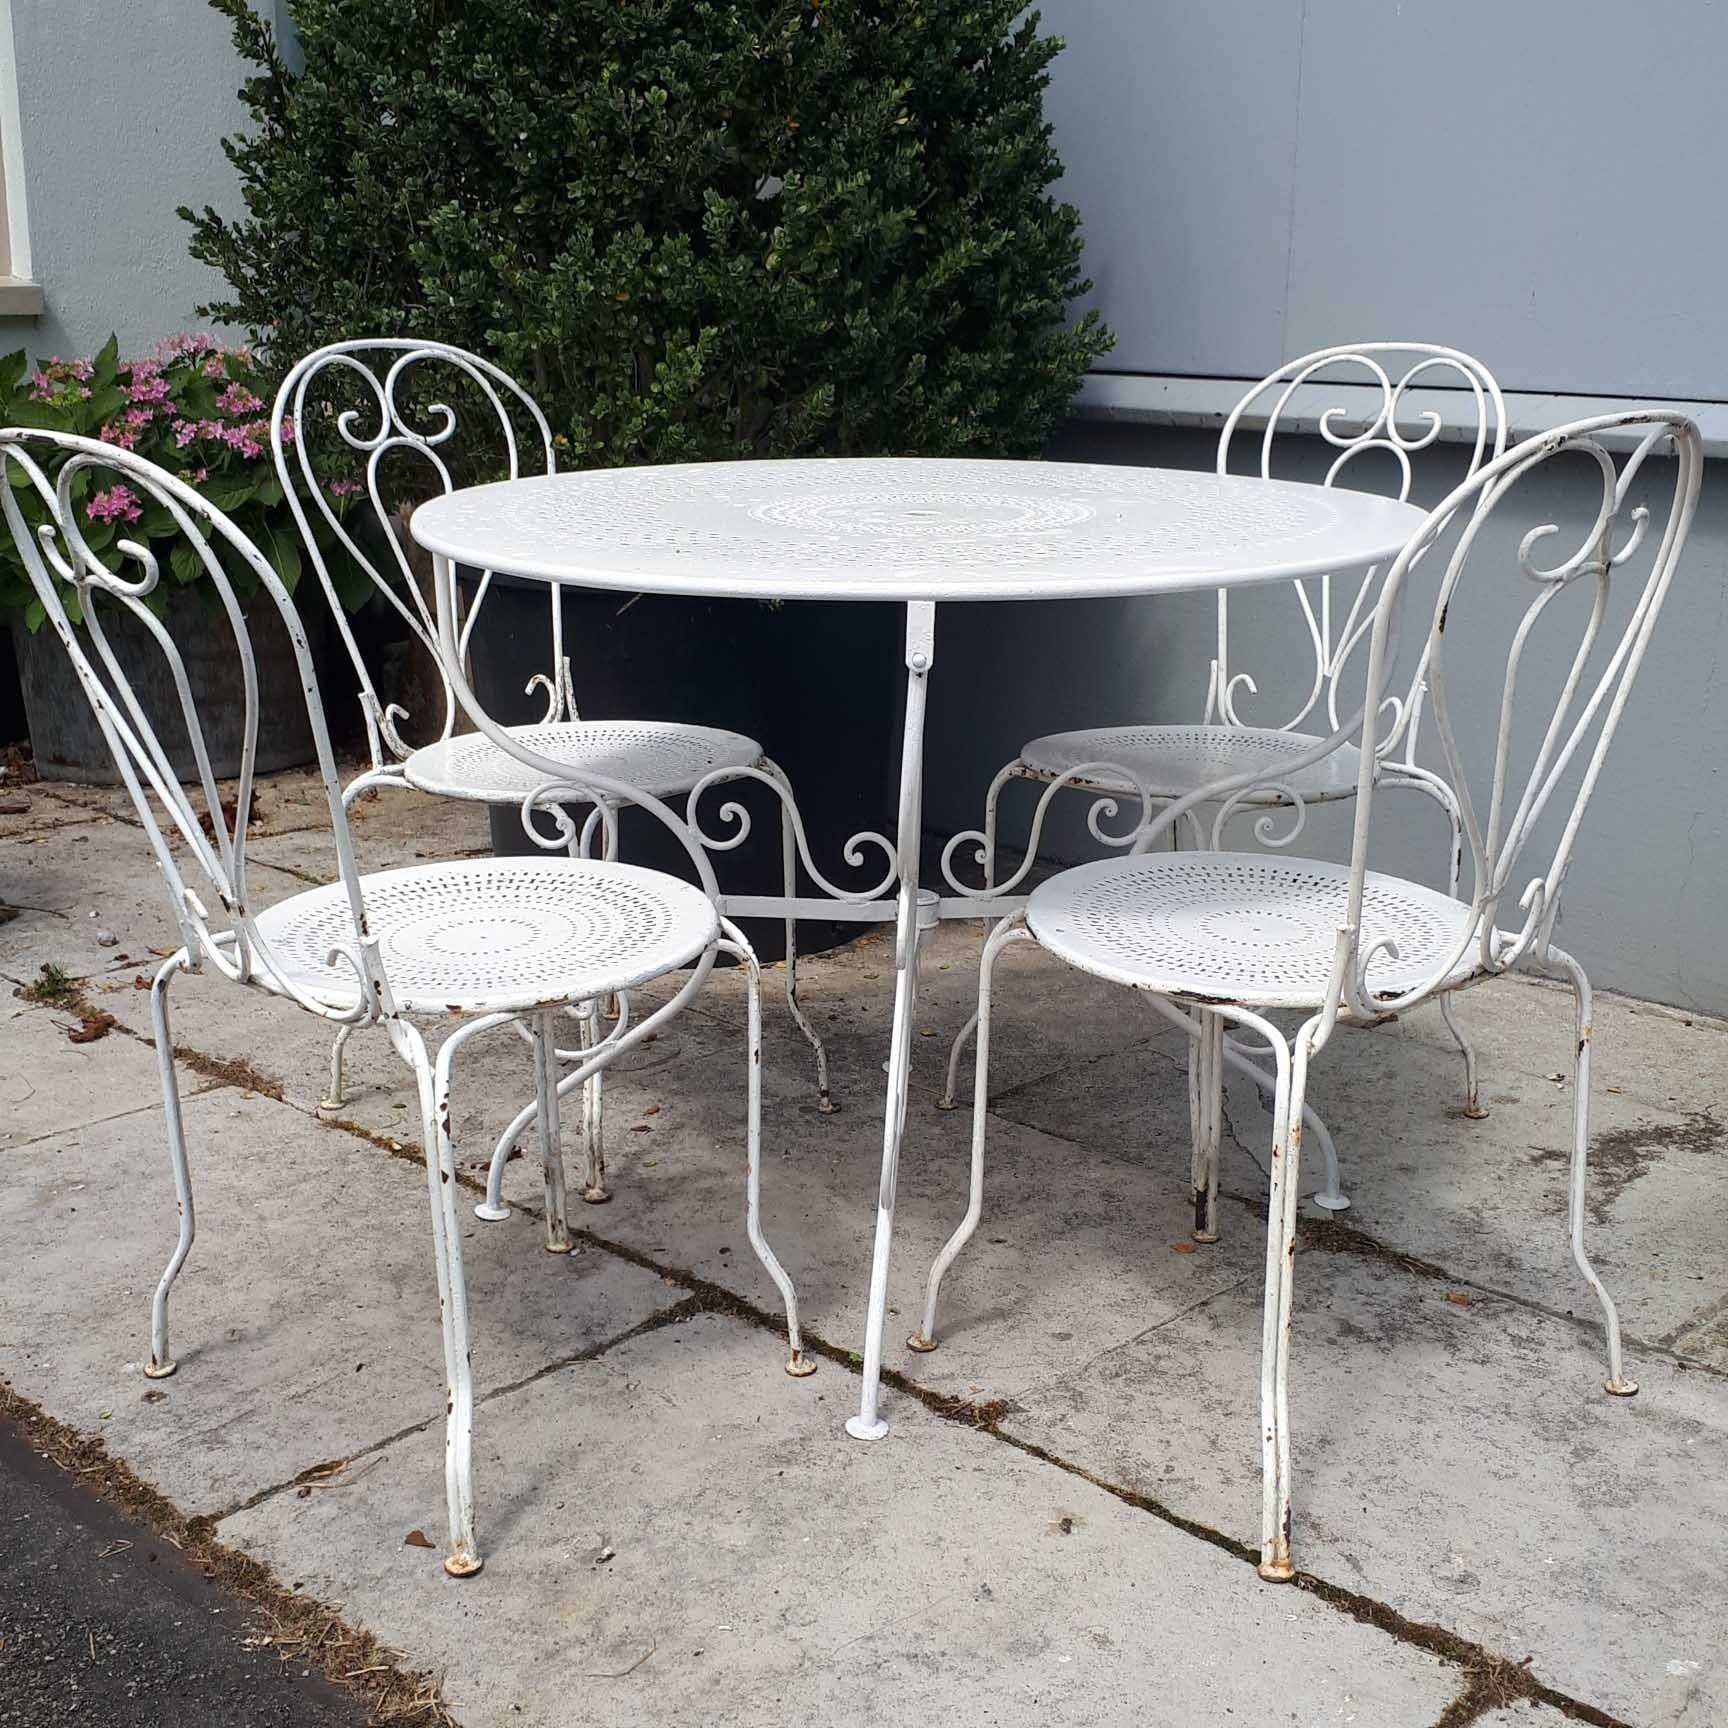 Alte Gartenmöbel, weißer Eisentisch mit vier Stühlen